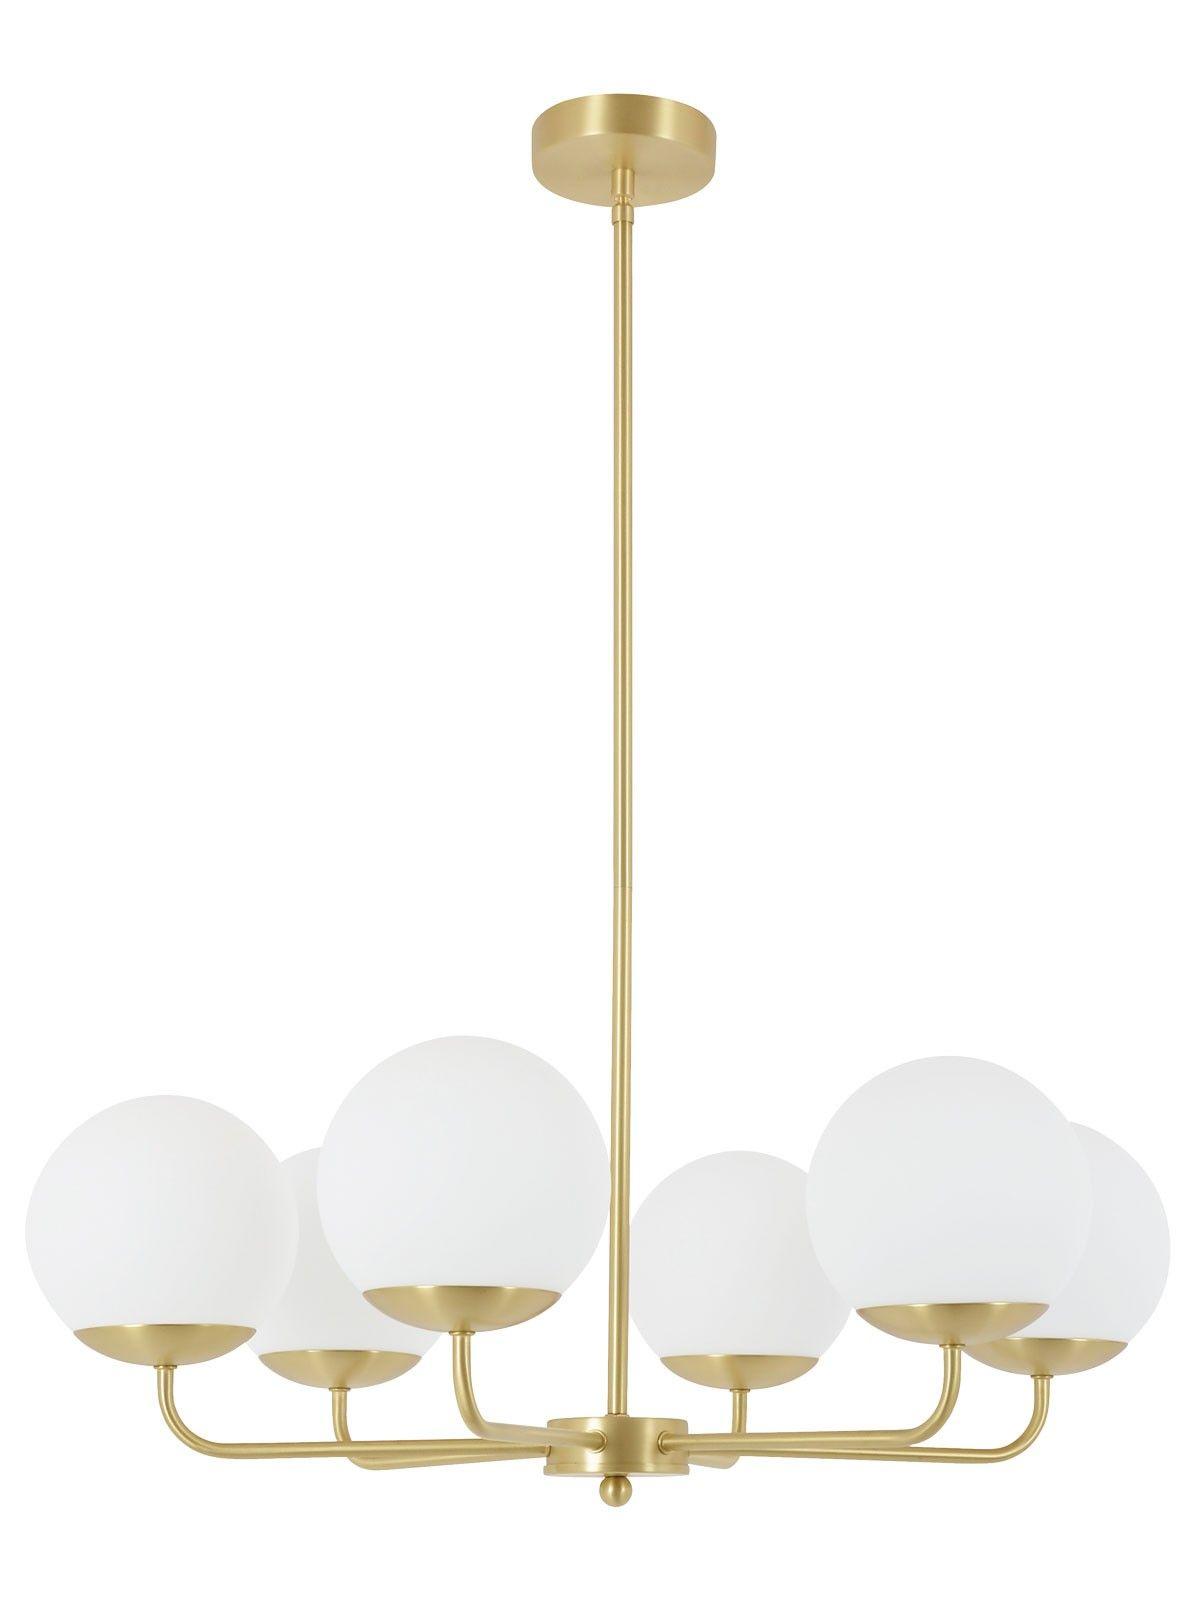 traditional pendant lighting. Quinn 6 Light Pendant In Brass/Opal | Traditional Pendants Lights Lighting